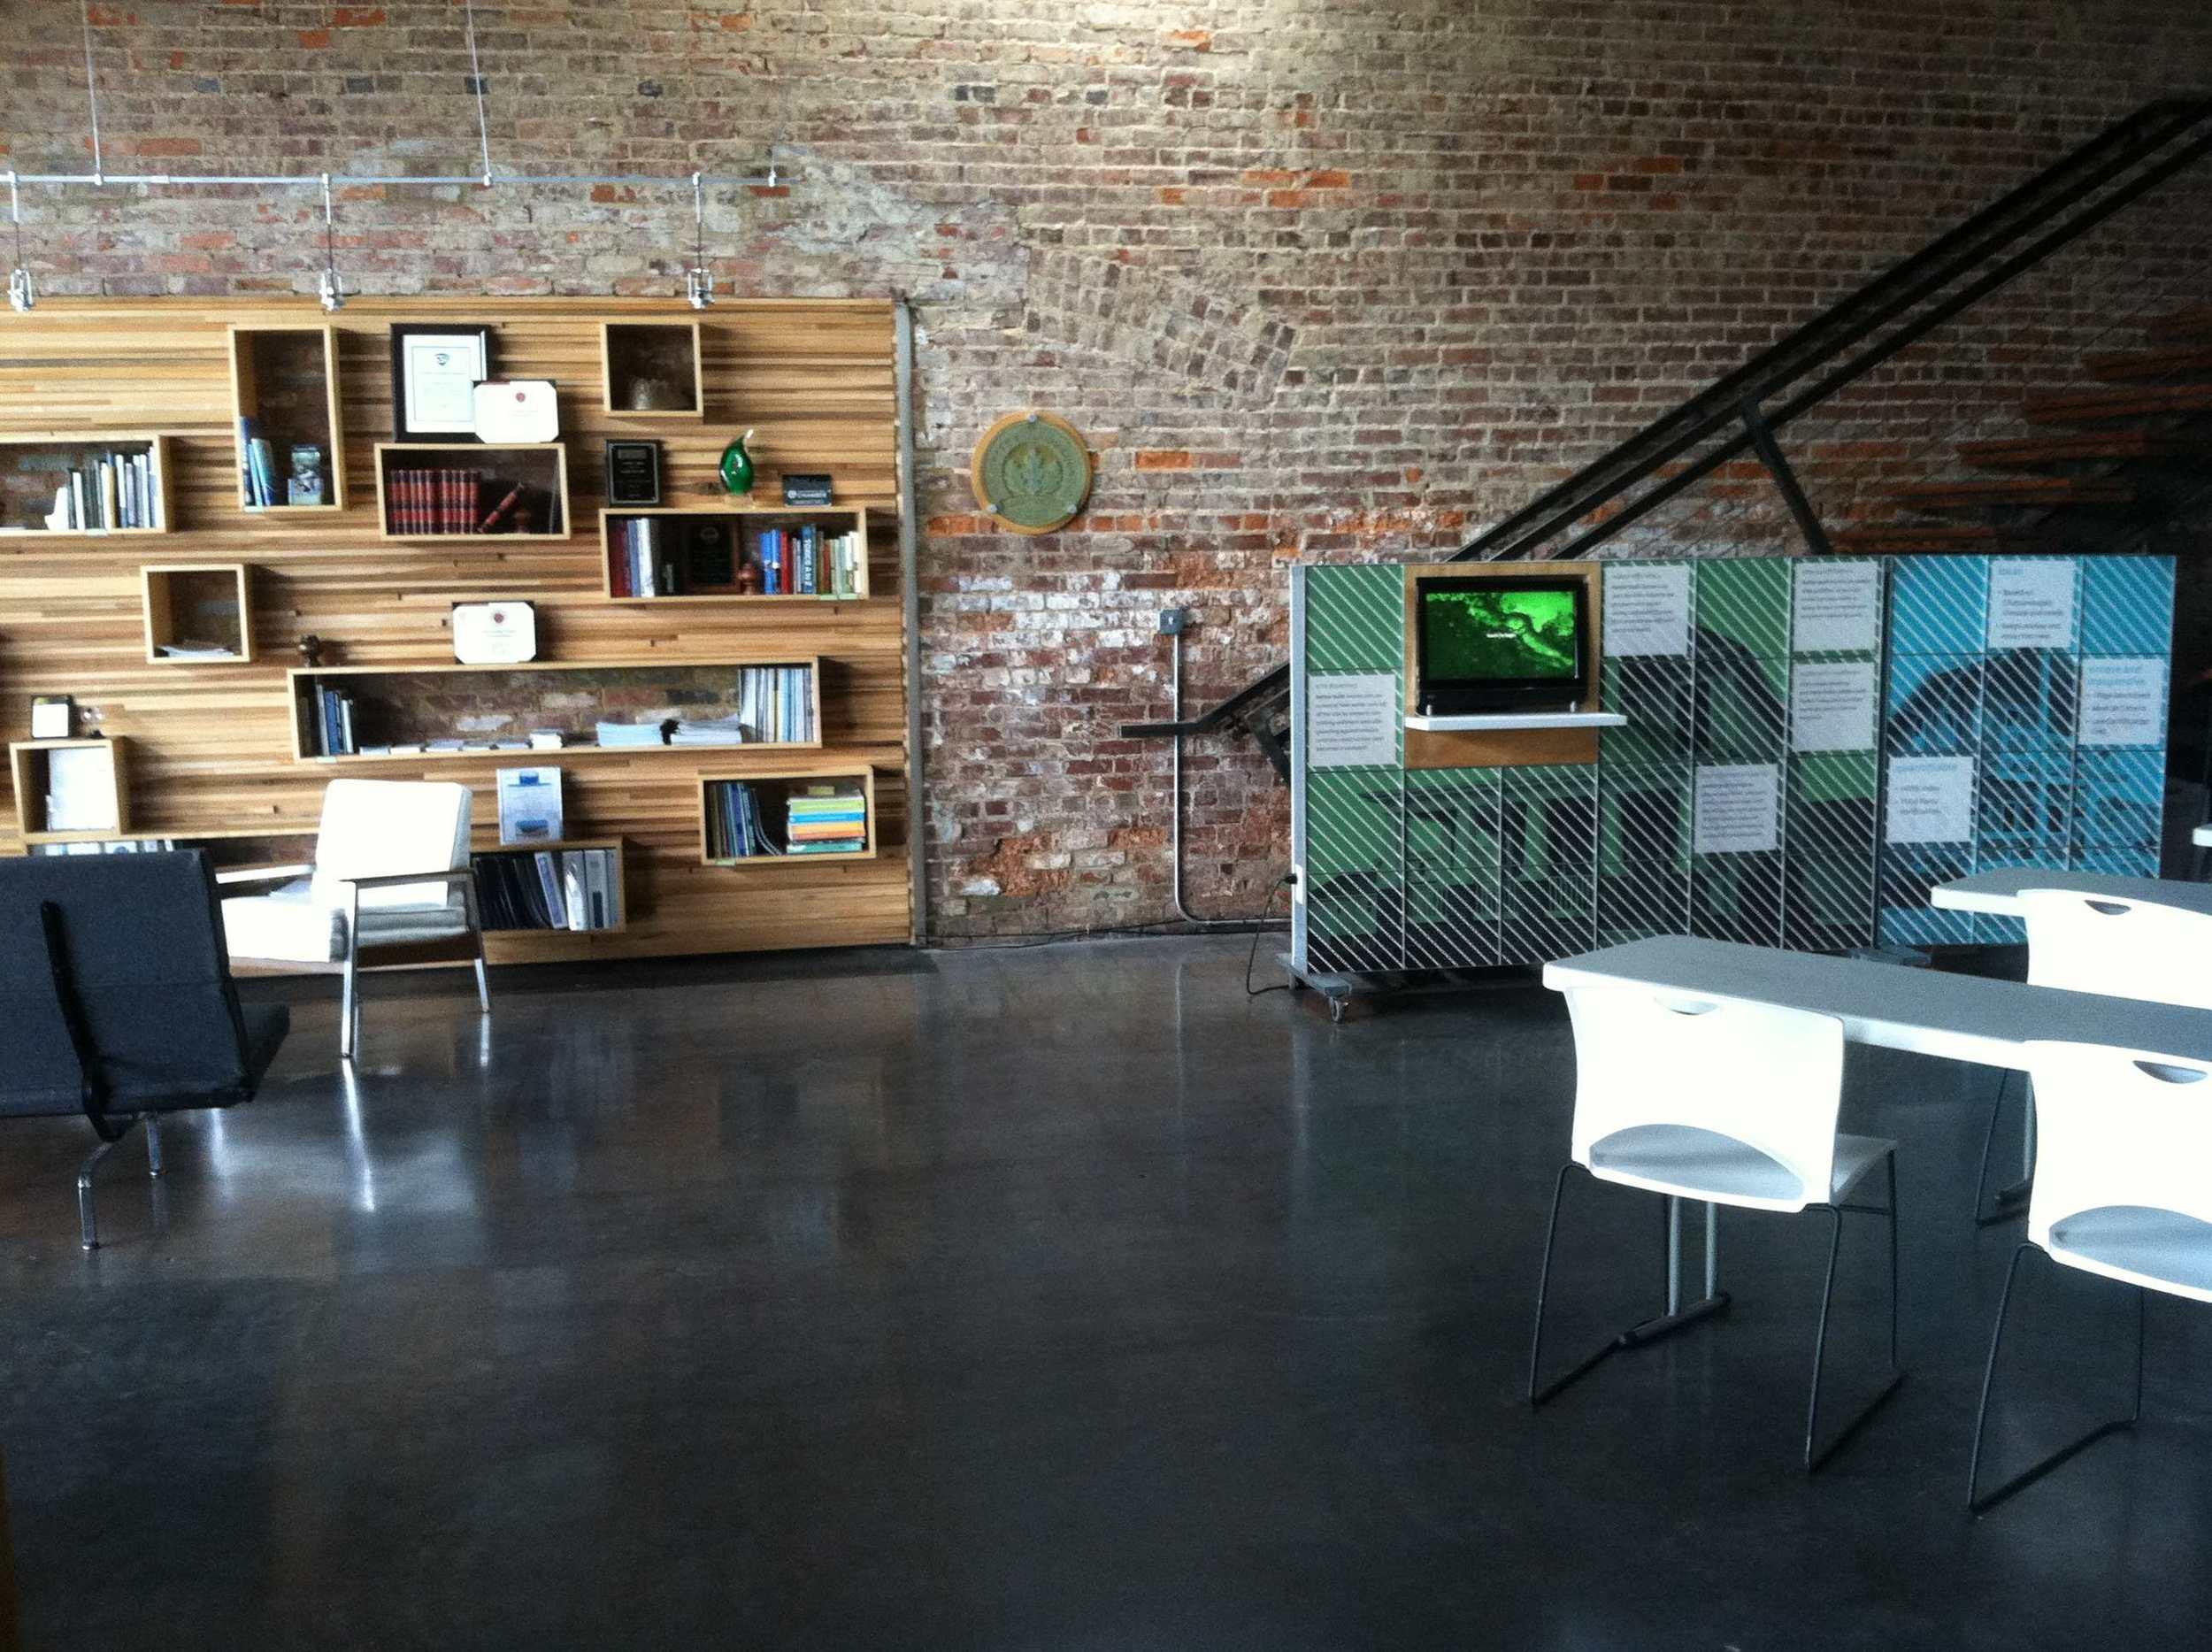 green-spaces3.jpg